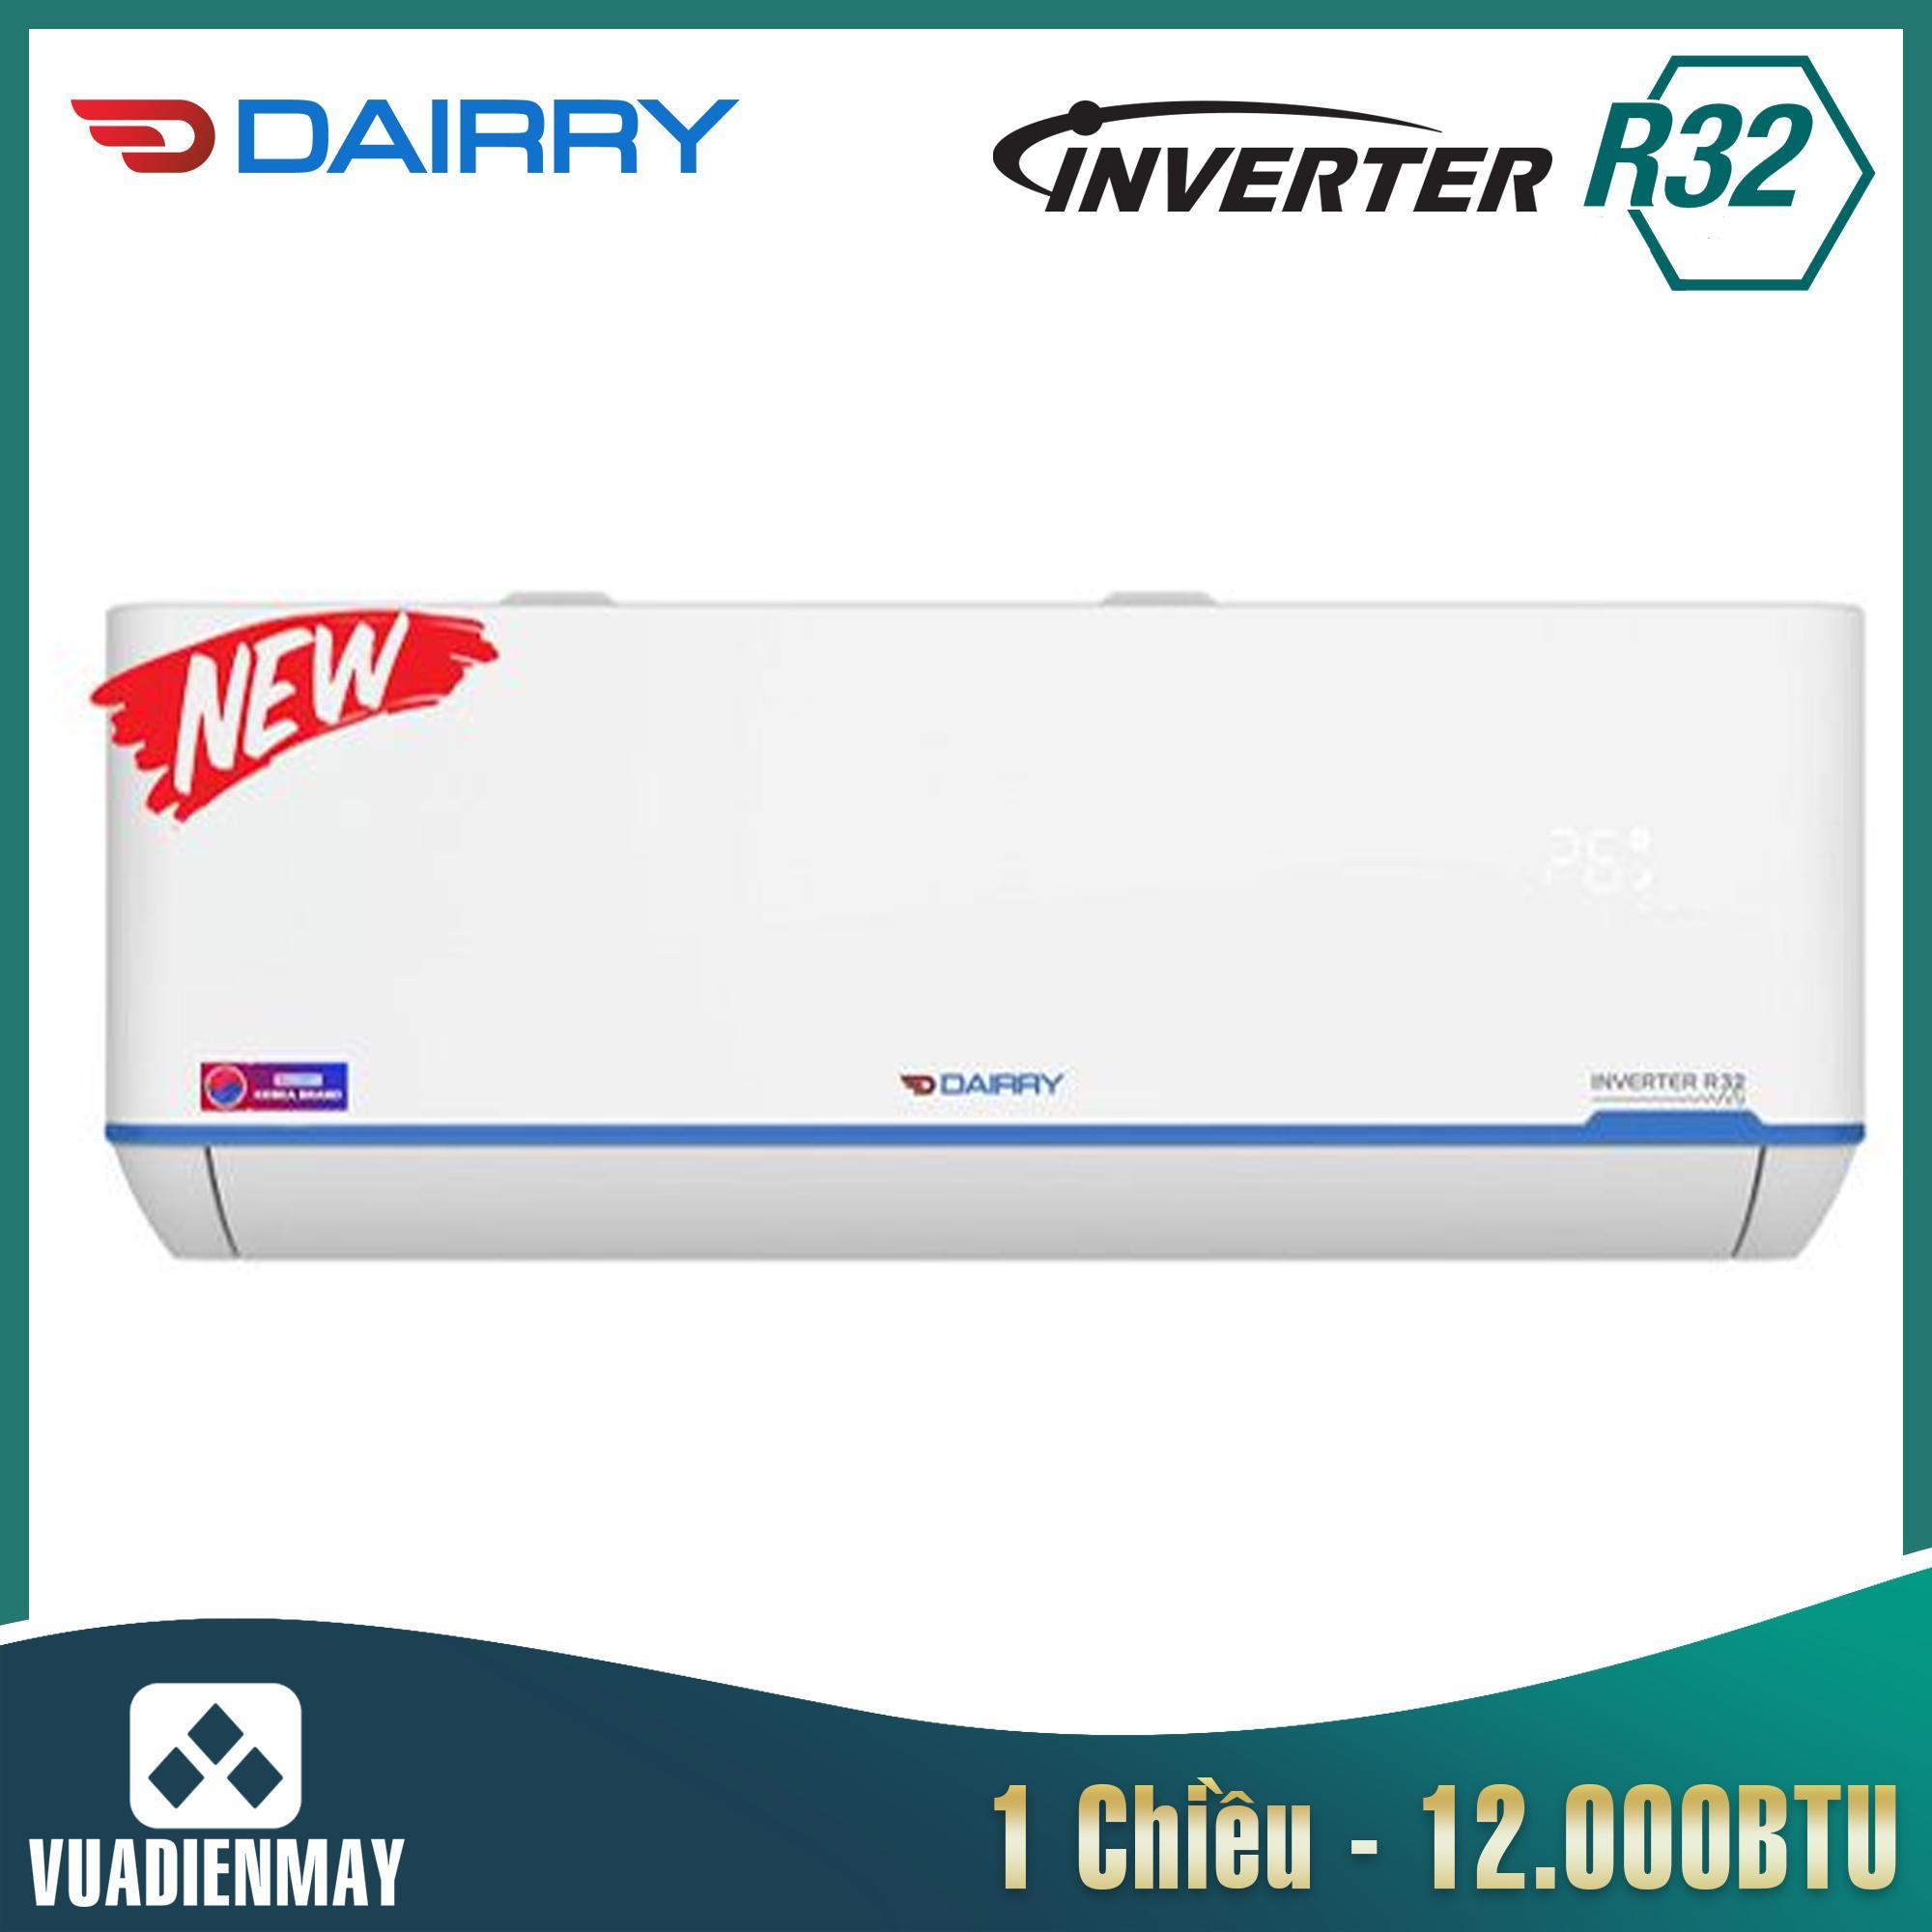 i-DR12LKC, Điều hòa Dairry 12000BTU 1 chiều inverter LKC